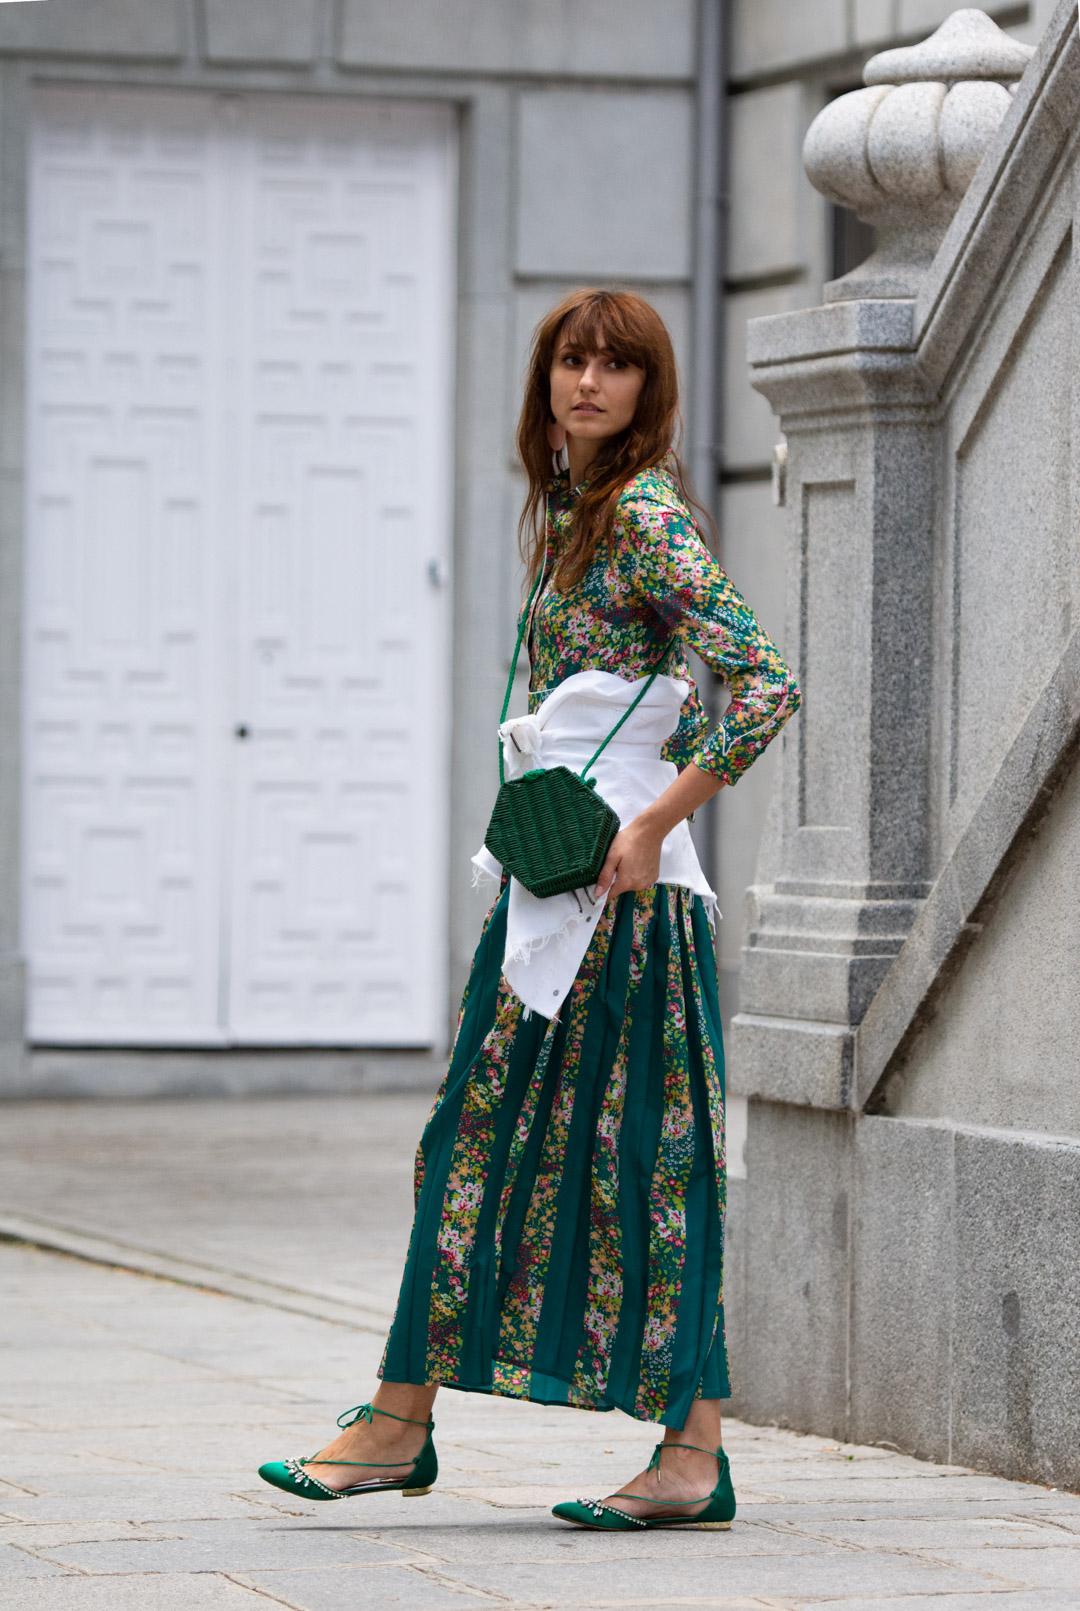 vestido-verde-street-style-mayte-de-la-iglesia-web-07